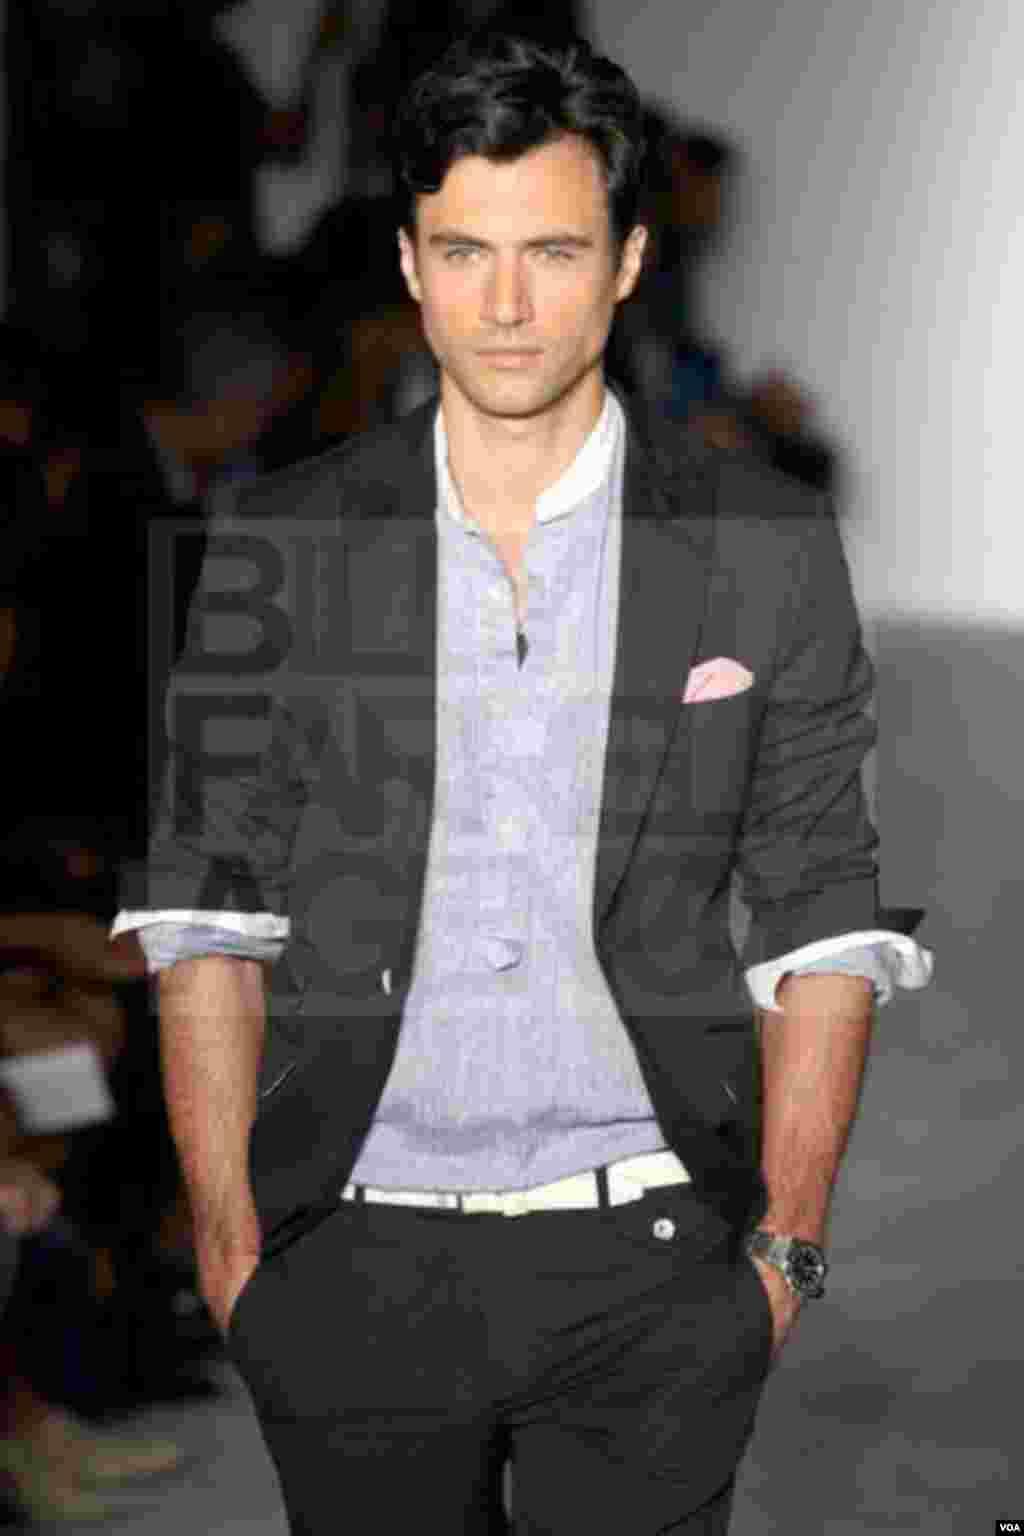 Rüstəm Cəbrayılov Nyu-York moda həftəsində 2013-cü il kişilər üçün amerikalı dizayneri Maykl Bastianın kolleksiyasını nümayiş etdirir